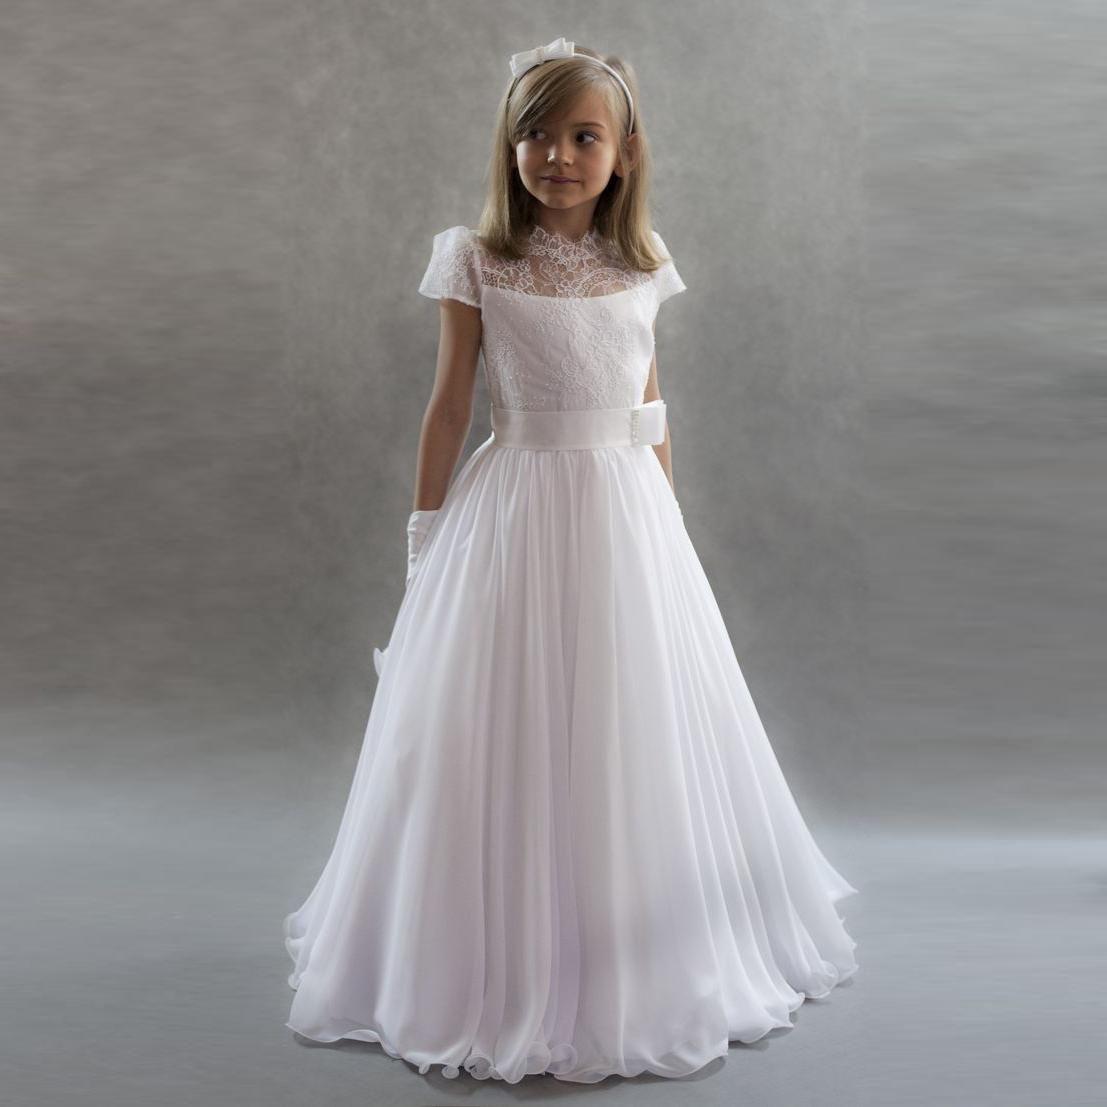 white wedding flower girls dresses for beach princess short